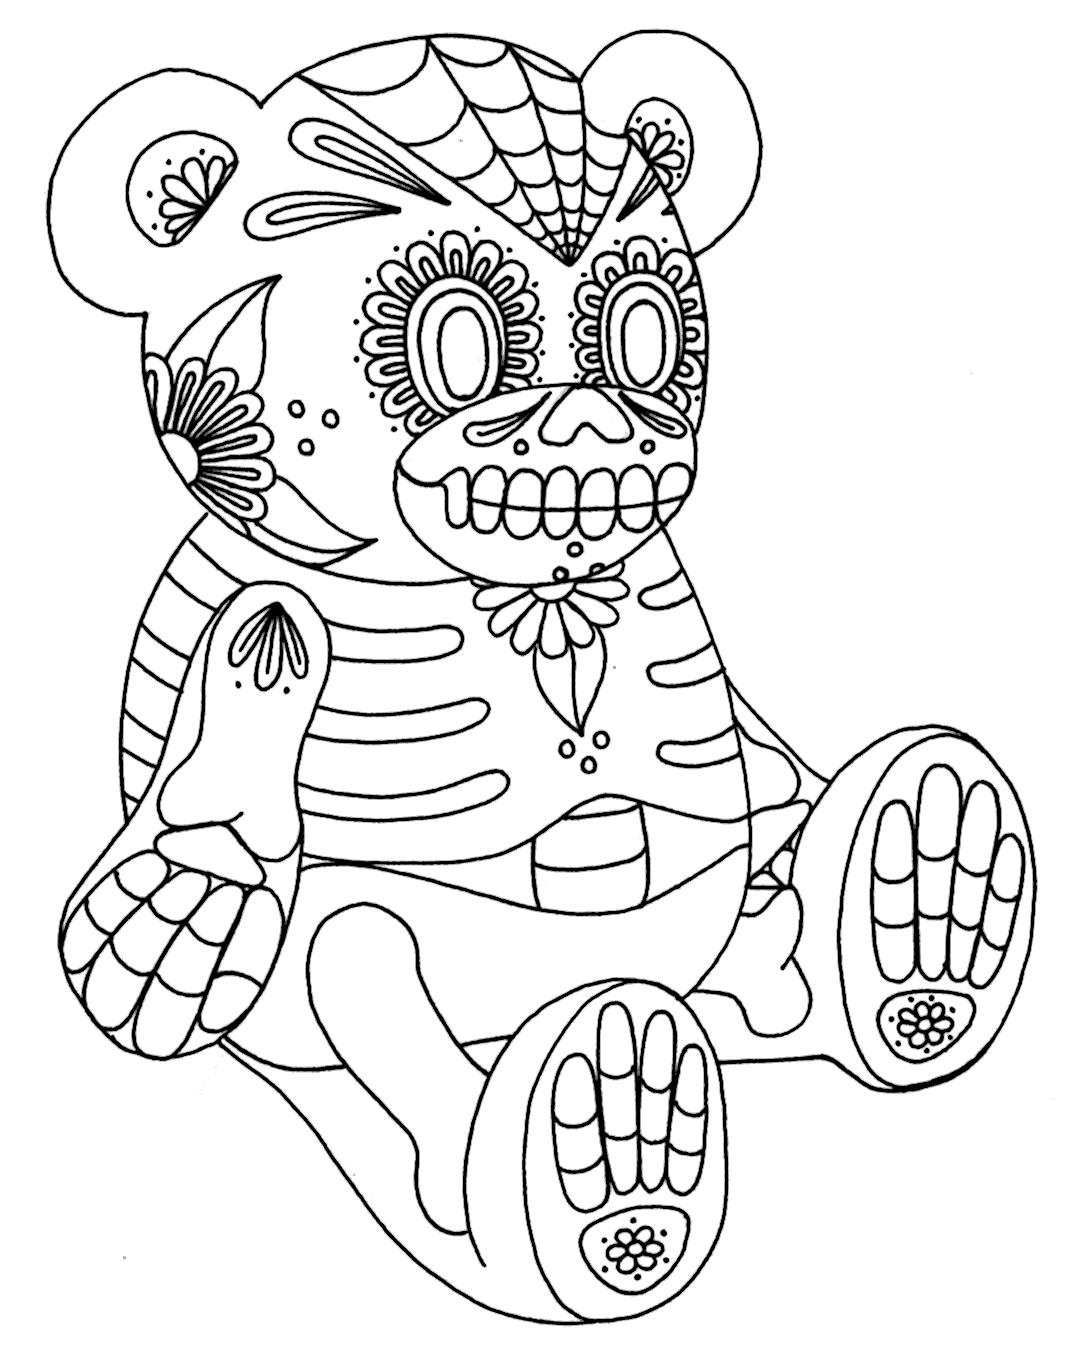 colorful sugar skull sugar skull coloring page free printable coloring pages colorful skull sugar